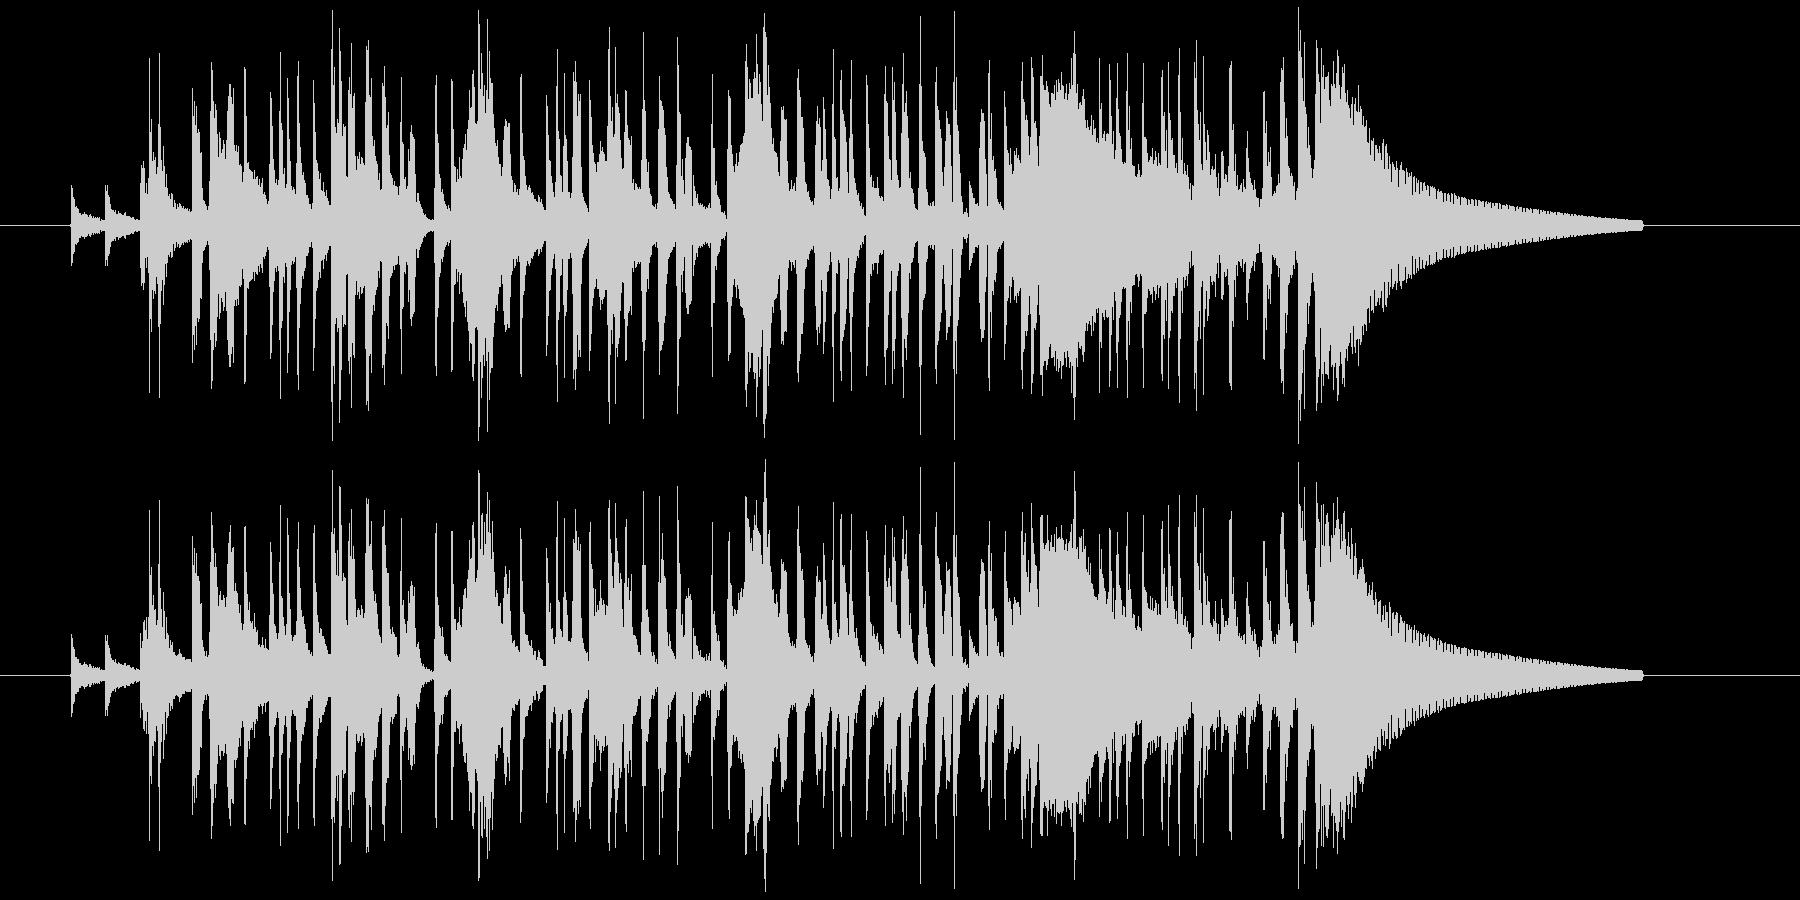 サンプリングの猫の声を使ったジングルの未再生の波形